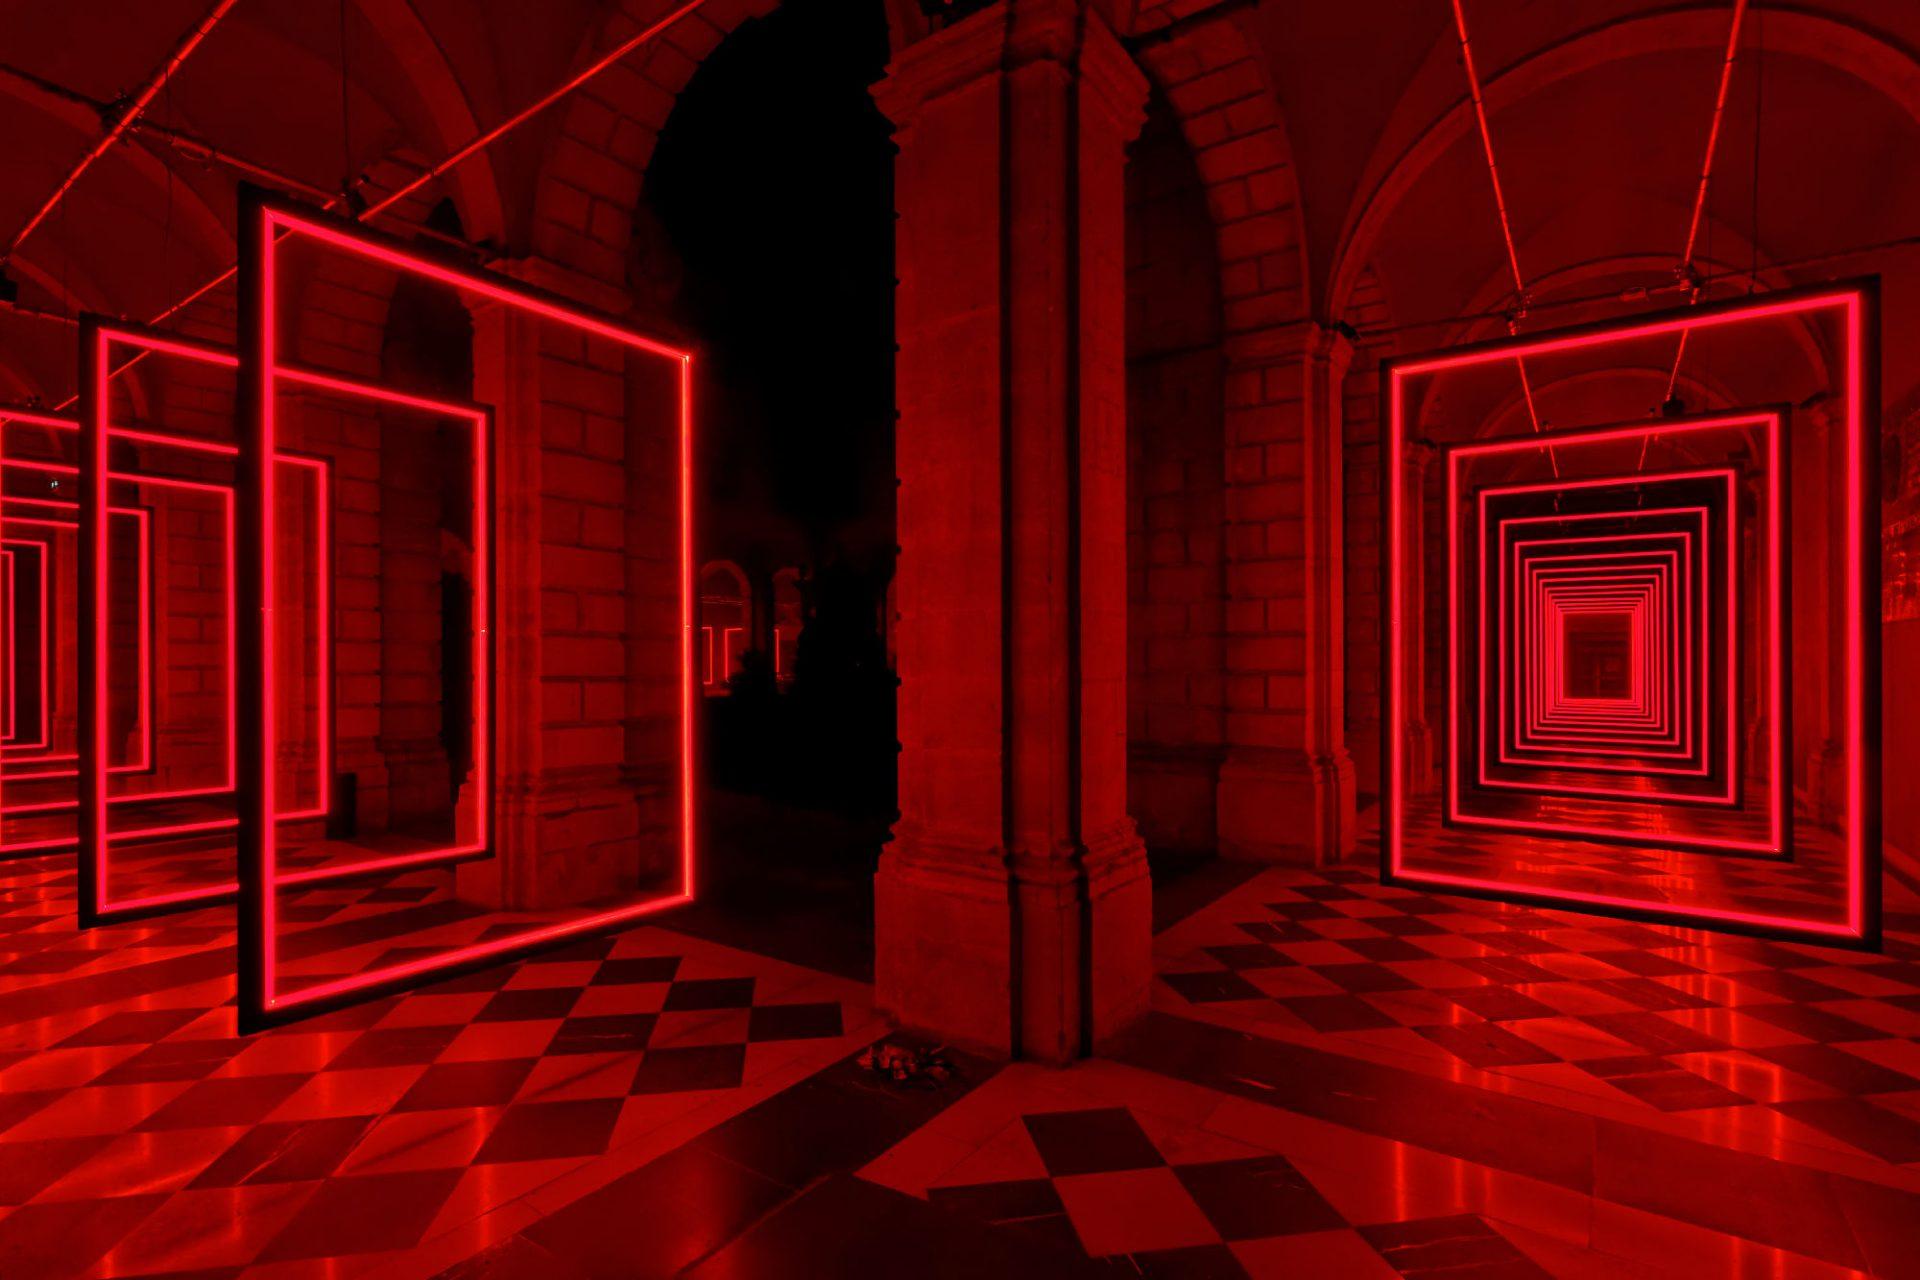 Frame Perspective d'Olivier Ratsi est une installation lumière au Festival Constellations, Maison de la Région, Abbaye Saint-Clément, Metz, France.